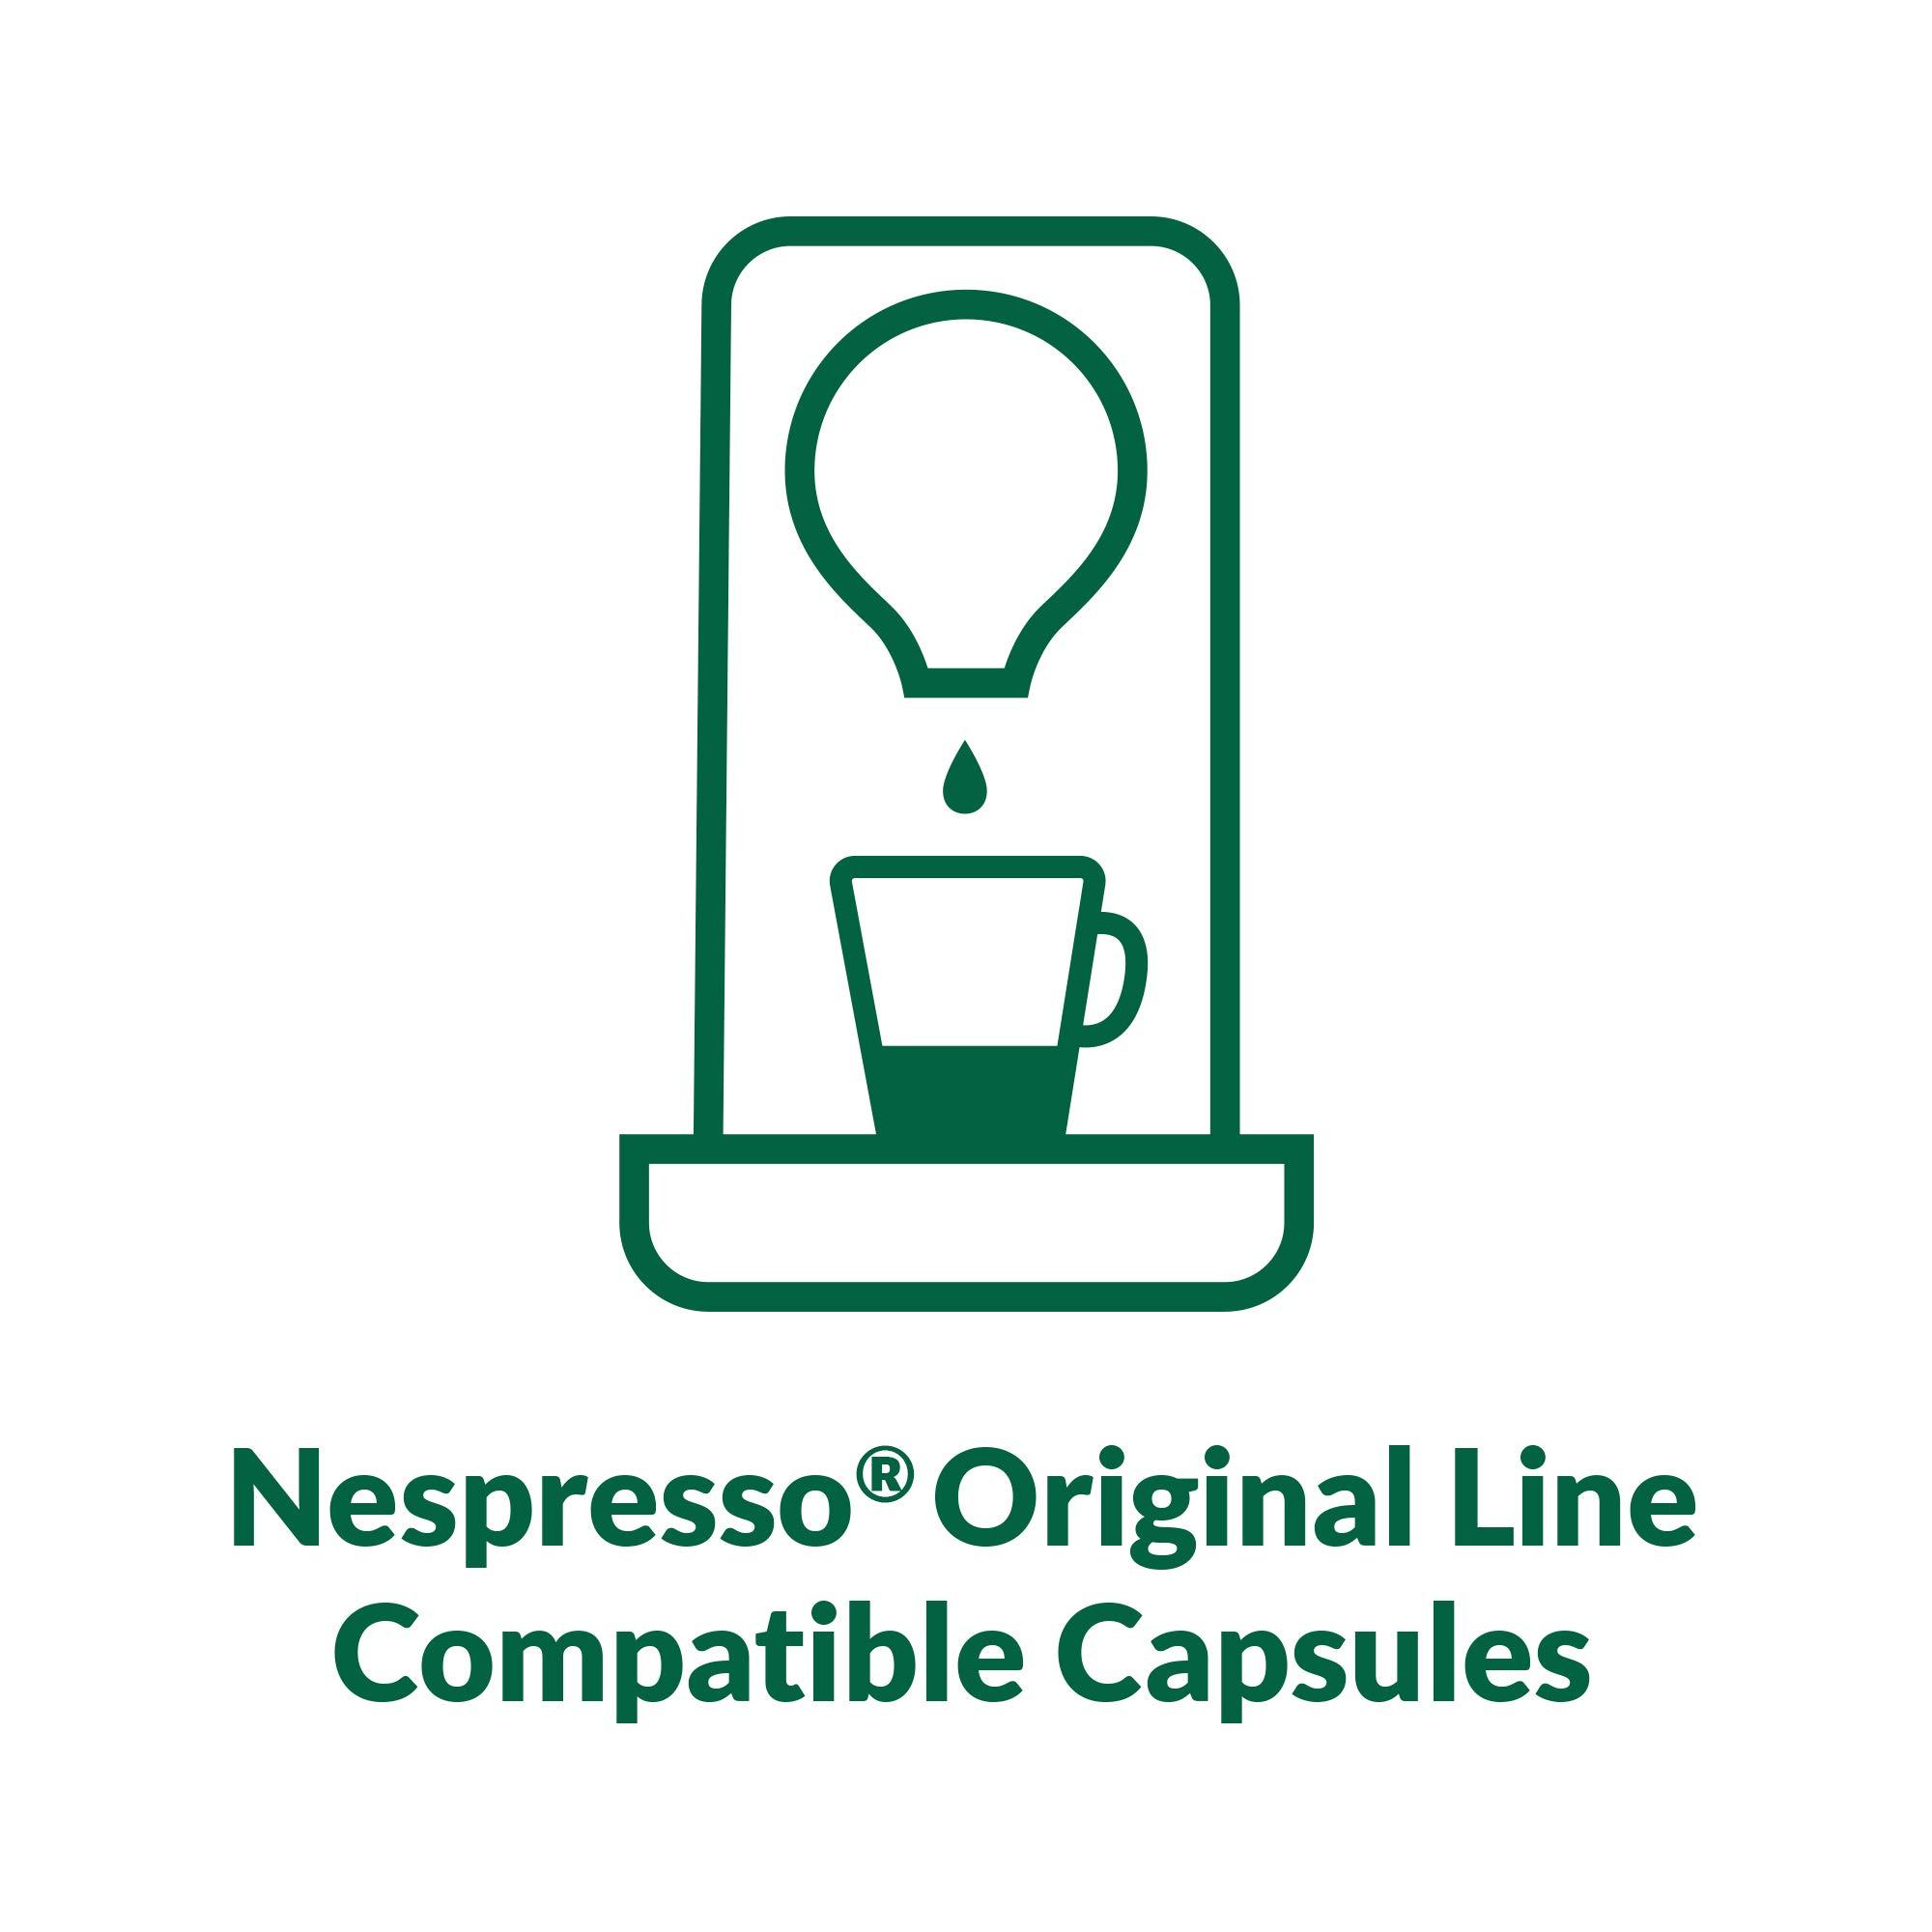 Café La Llave Espresso Capsules, Intensity 11 (80 Pods) Compatible with Nespresso OriginalLine Machines, Single Cup Coffee by Cafe La Llave (Image #5)